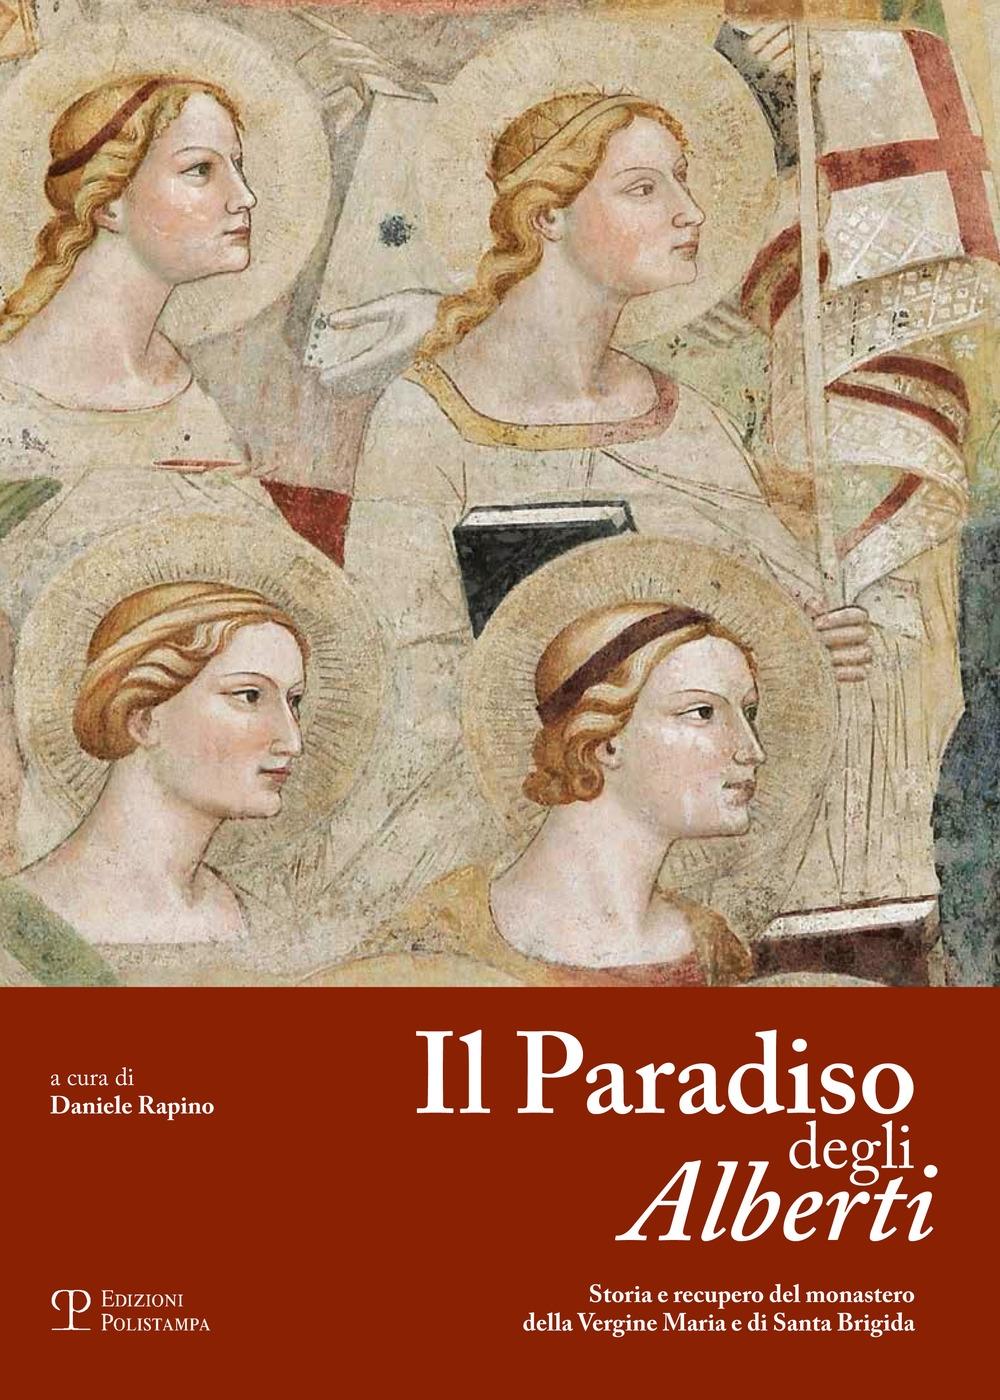 Il paradiso degli Alberti. Storia e recupero del monastero della Vergine Maria e di Santa Brigida